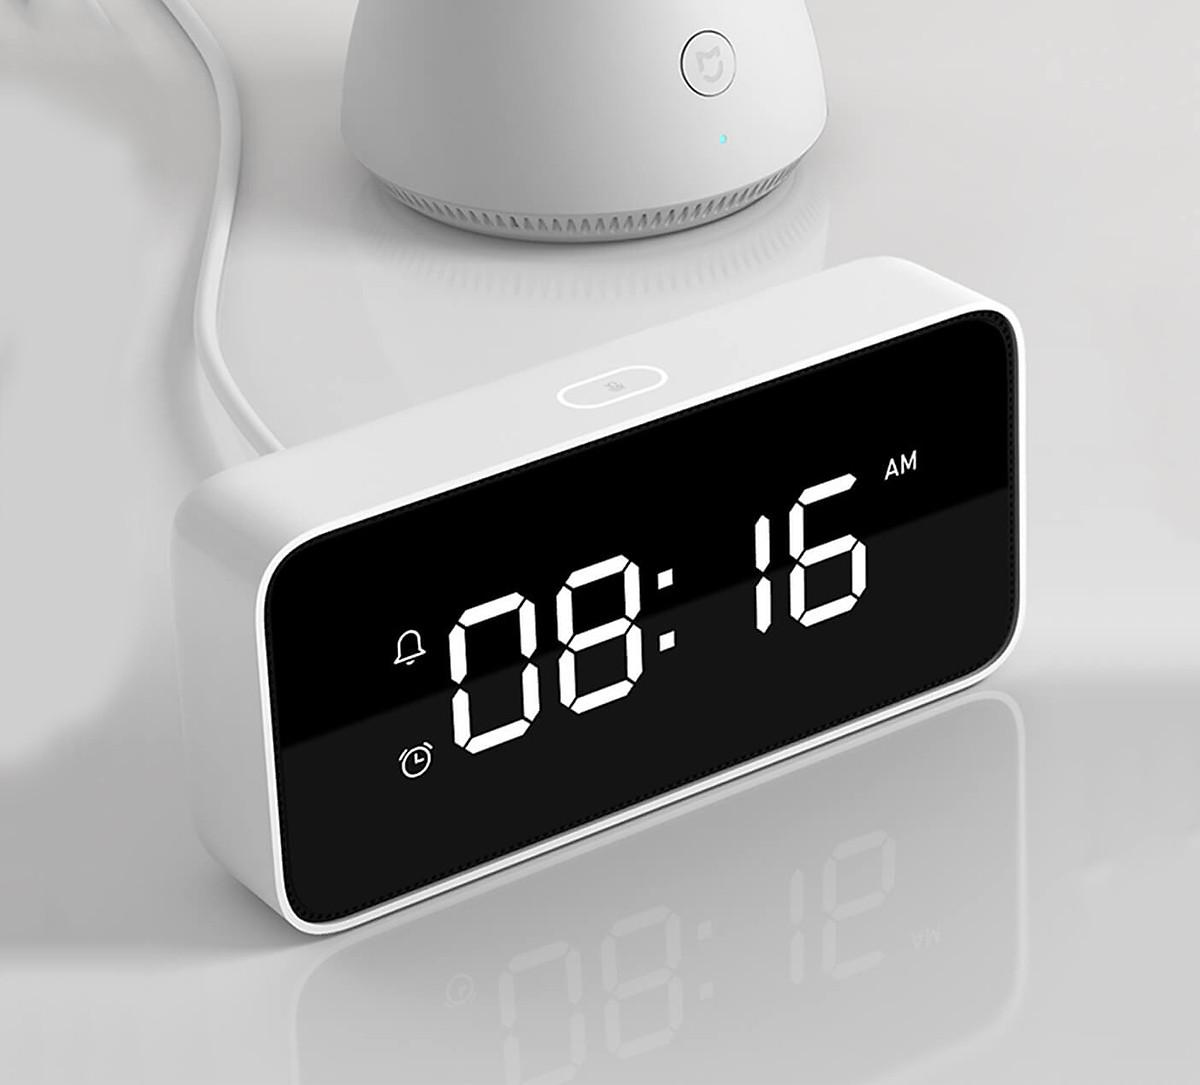 Đồng hồ báo thức thông minh Xiaomi Mijia Xiaoai - 3